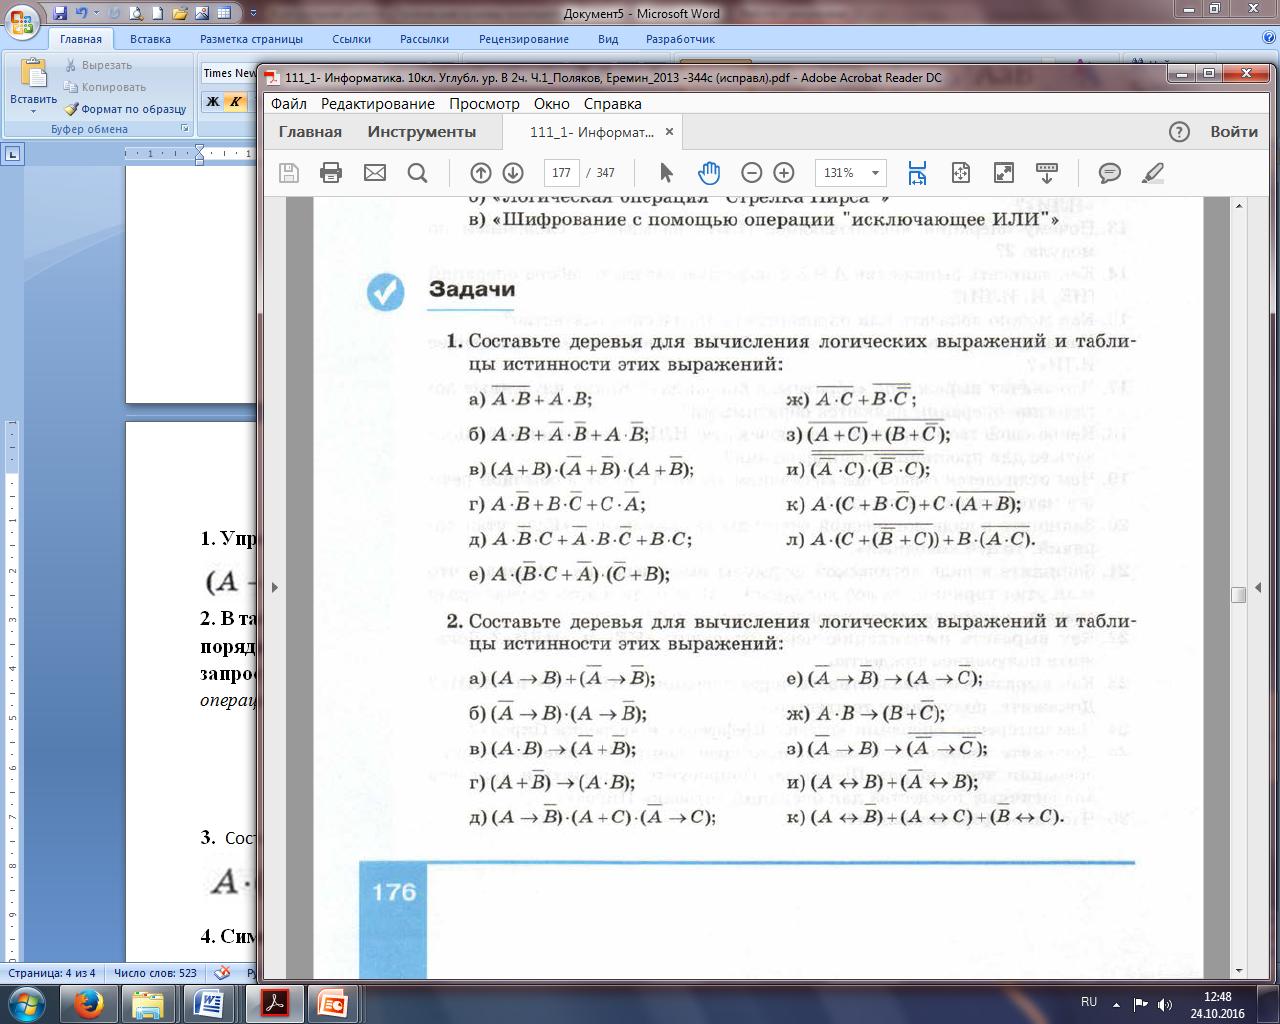 Контрольная работа по теме Логические основы компьютера hello html m1bfd8fd png